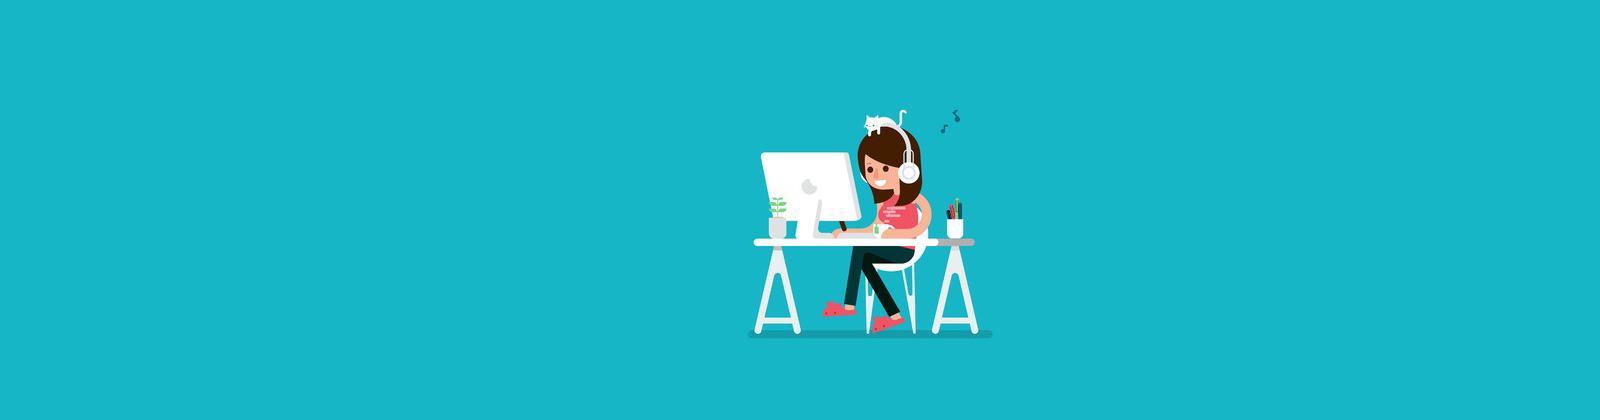 Un messaggio per un freelance dentro